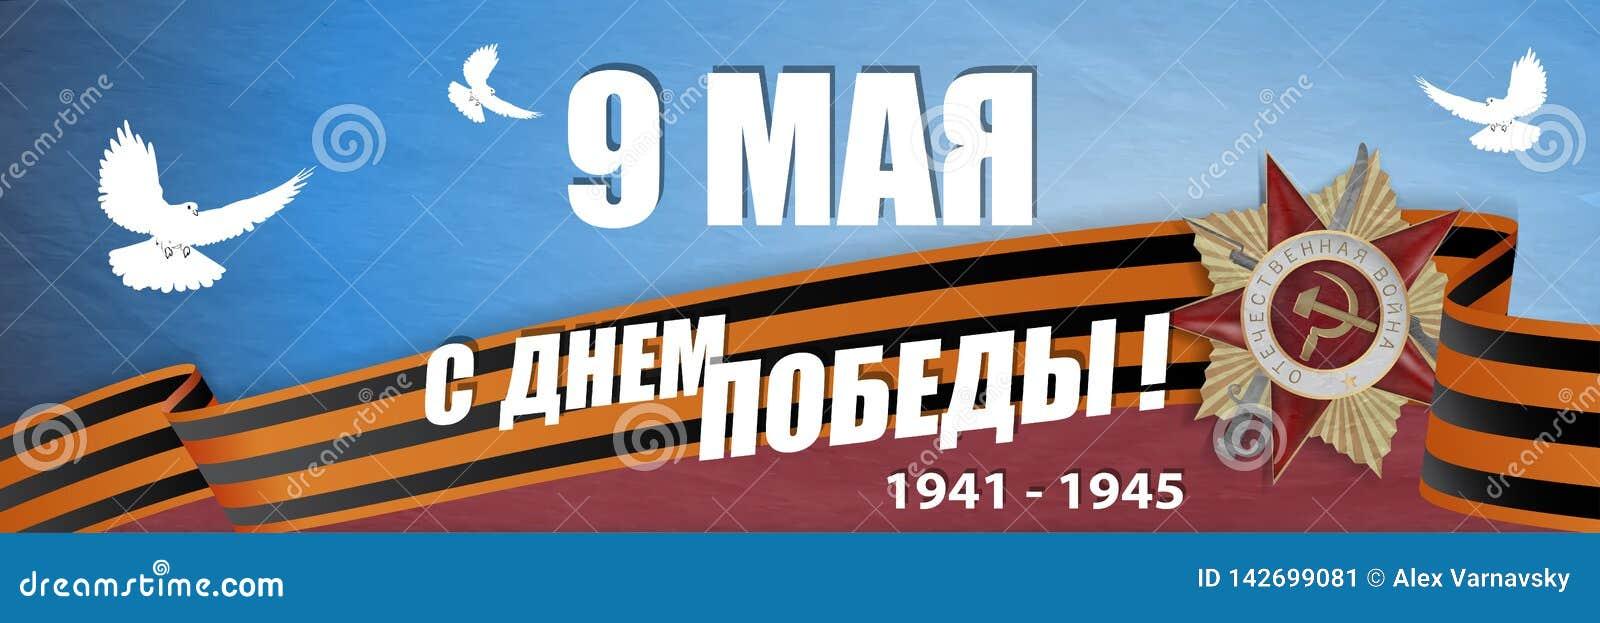 9 Mei-kaart met tekst in Rus de Grote Patriottische Oorlog, Gelukwensen op de Overwinning, Telegram